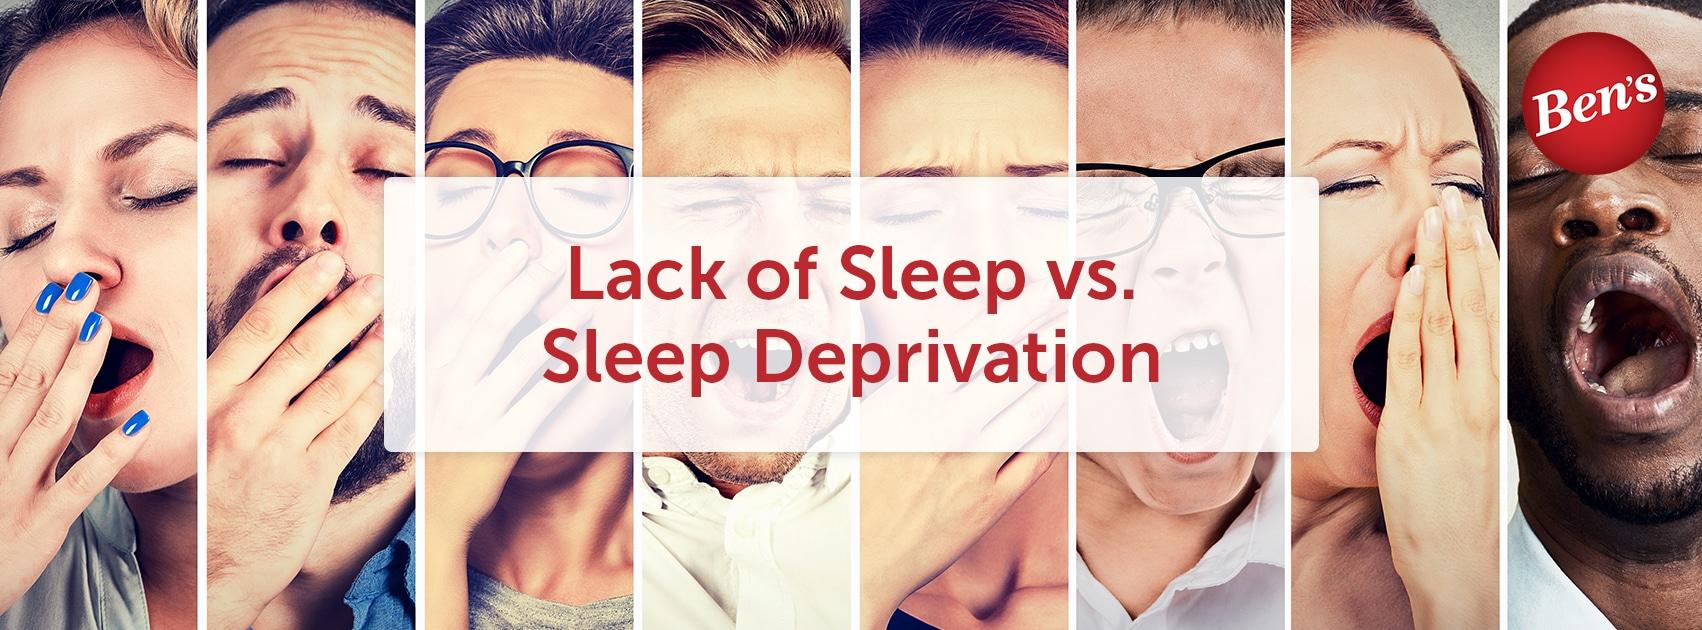 lack of sleep vs sleep dep